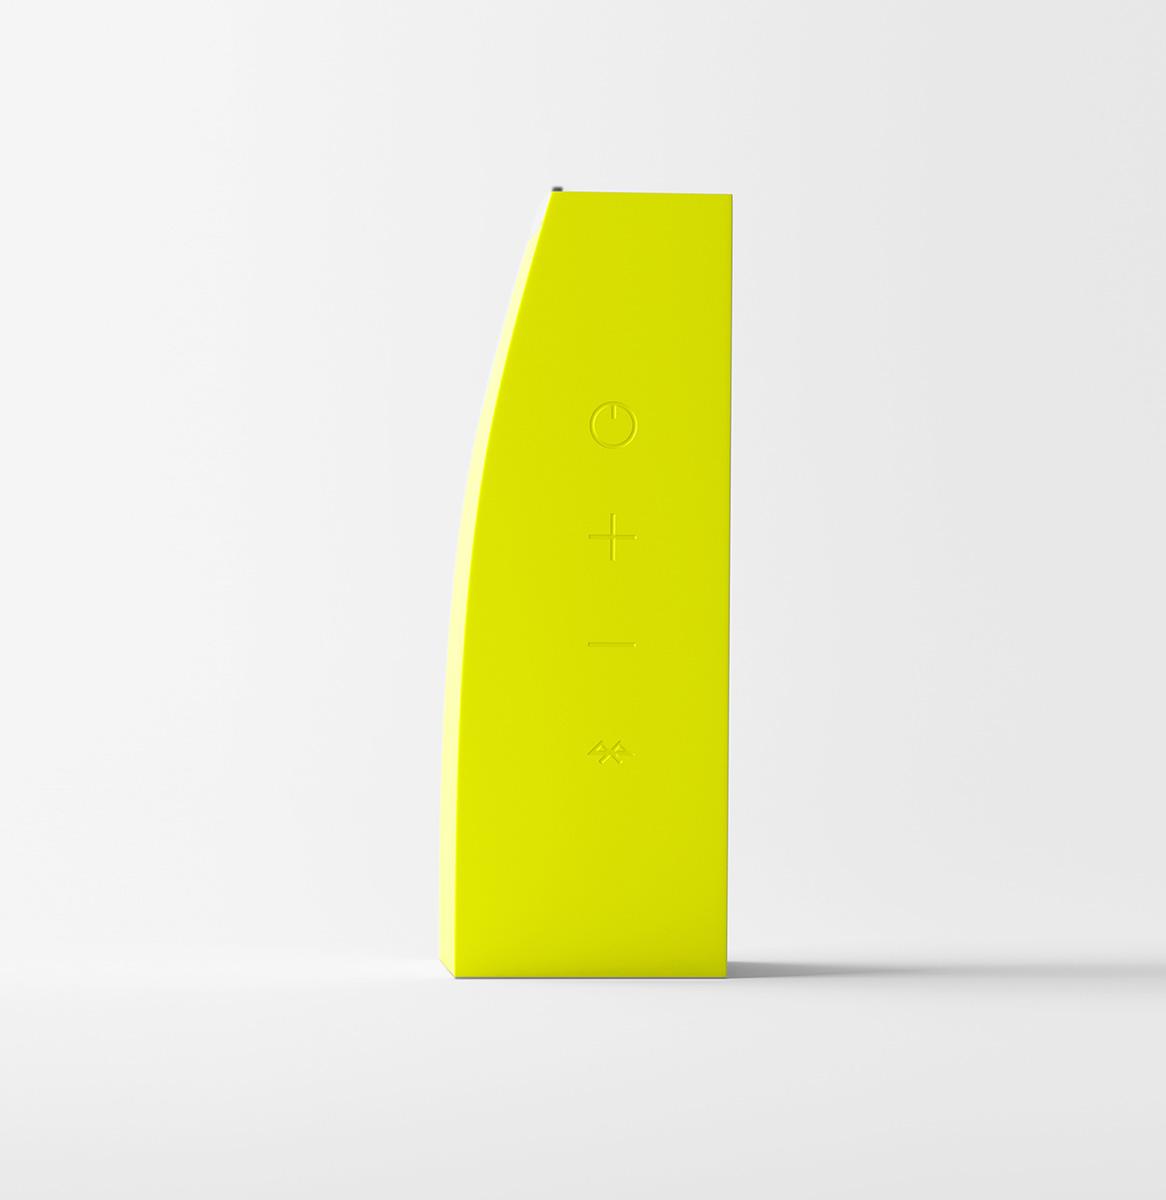 05-banano-jarim-koo